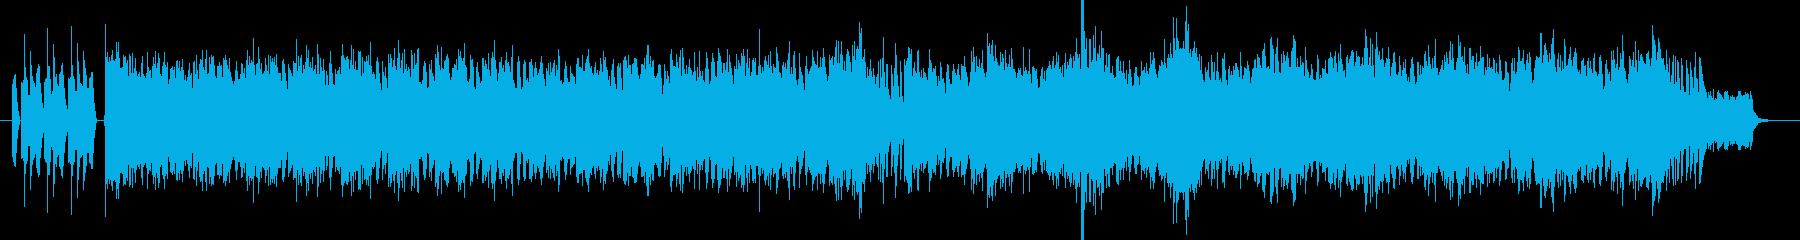 緊張感のあるシンフォニックサウンドの再生済みの波形